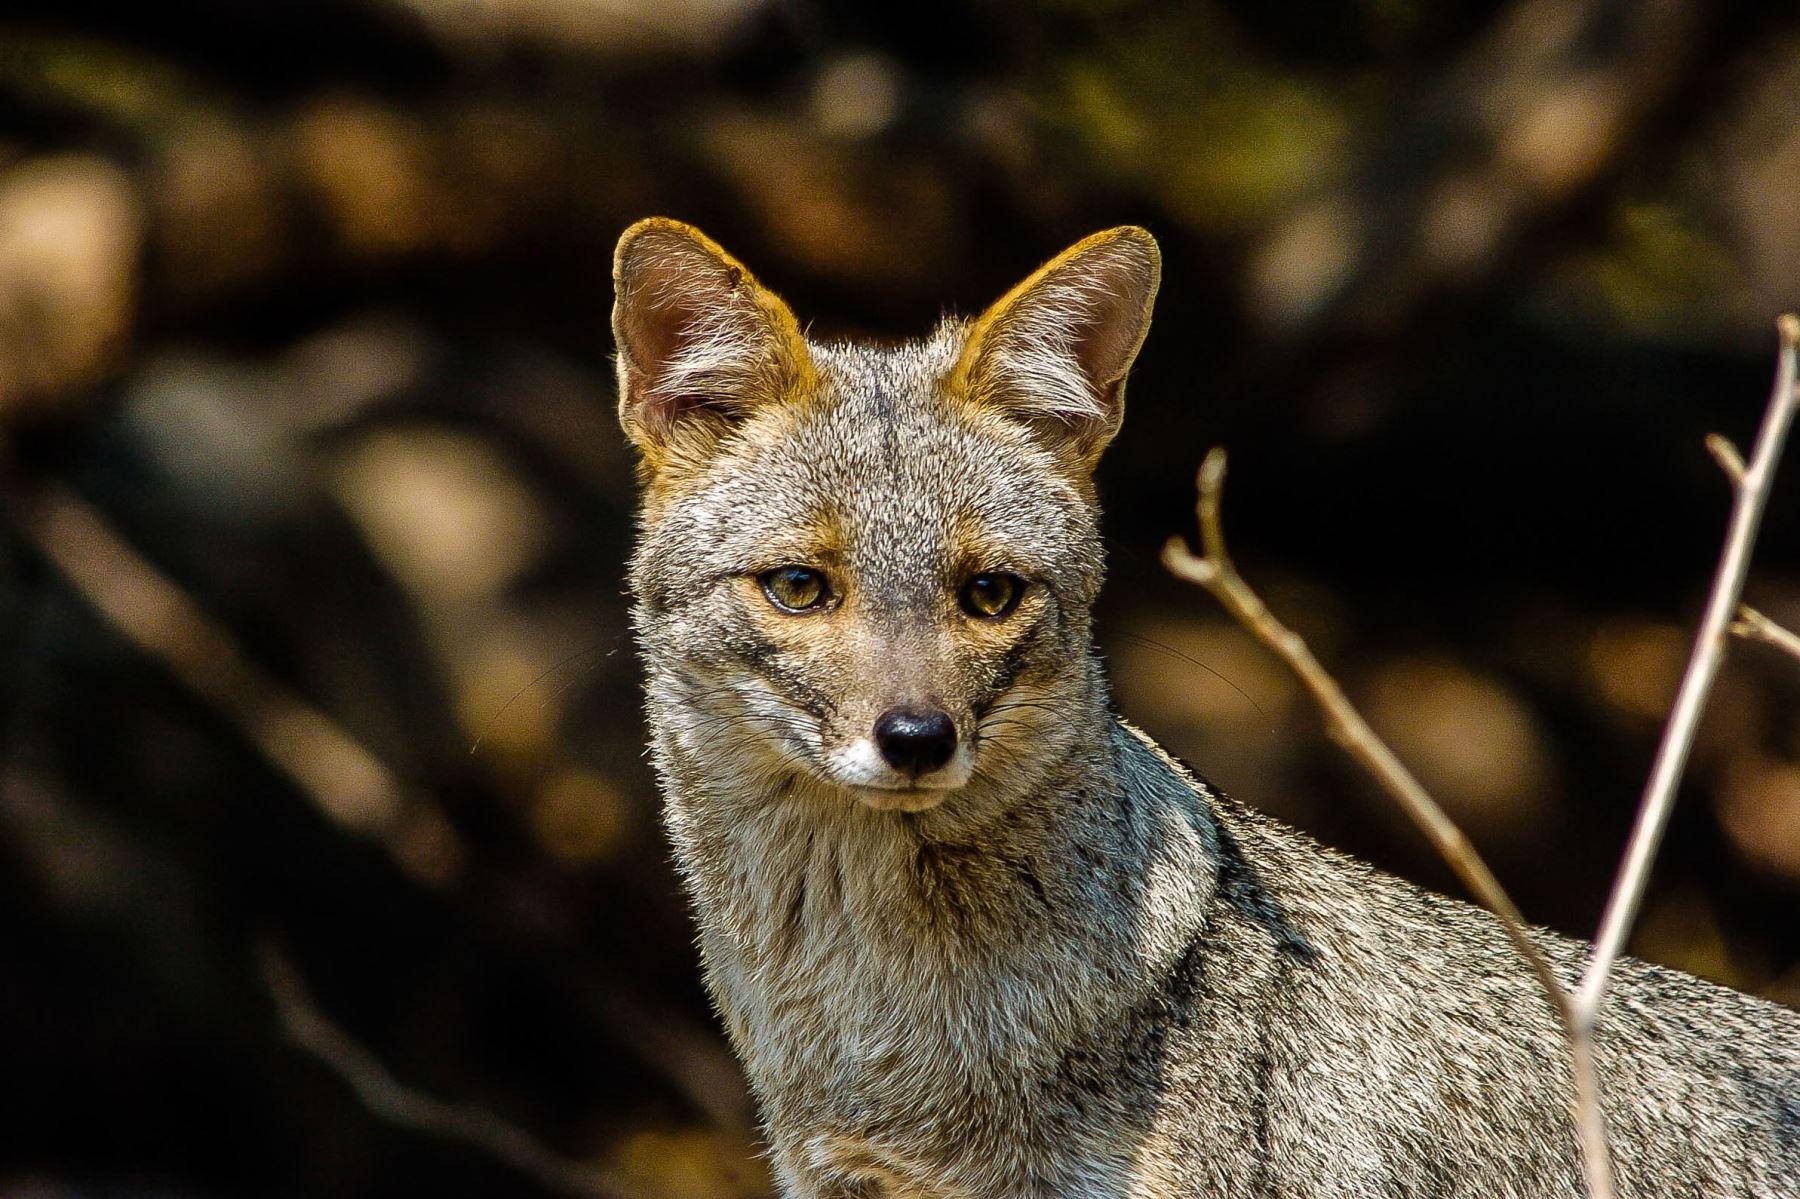 Zorro costeño o de Sechura (Pseudalopex sechurae). Es la especie de zorro más pequeña de Sudamérica y en la Reserva Ecológica Chaparrí es relativamente común. Foto: Heinz Plenge